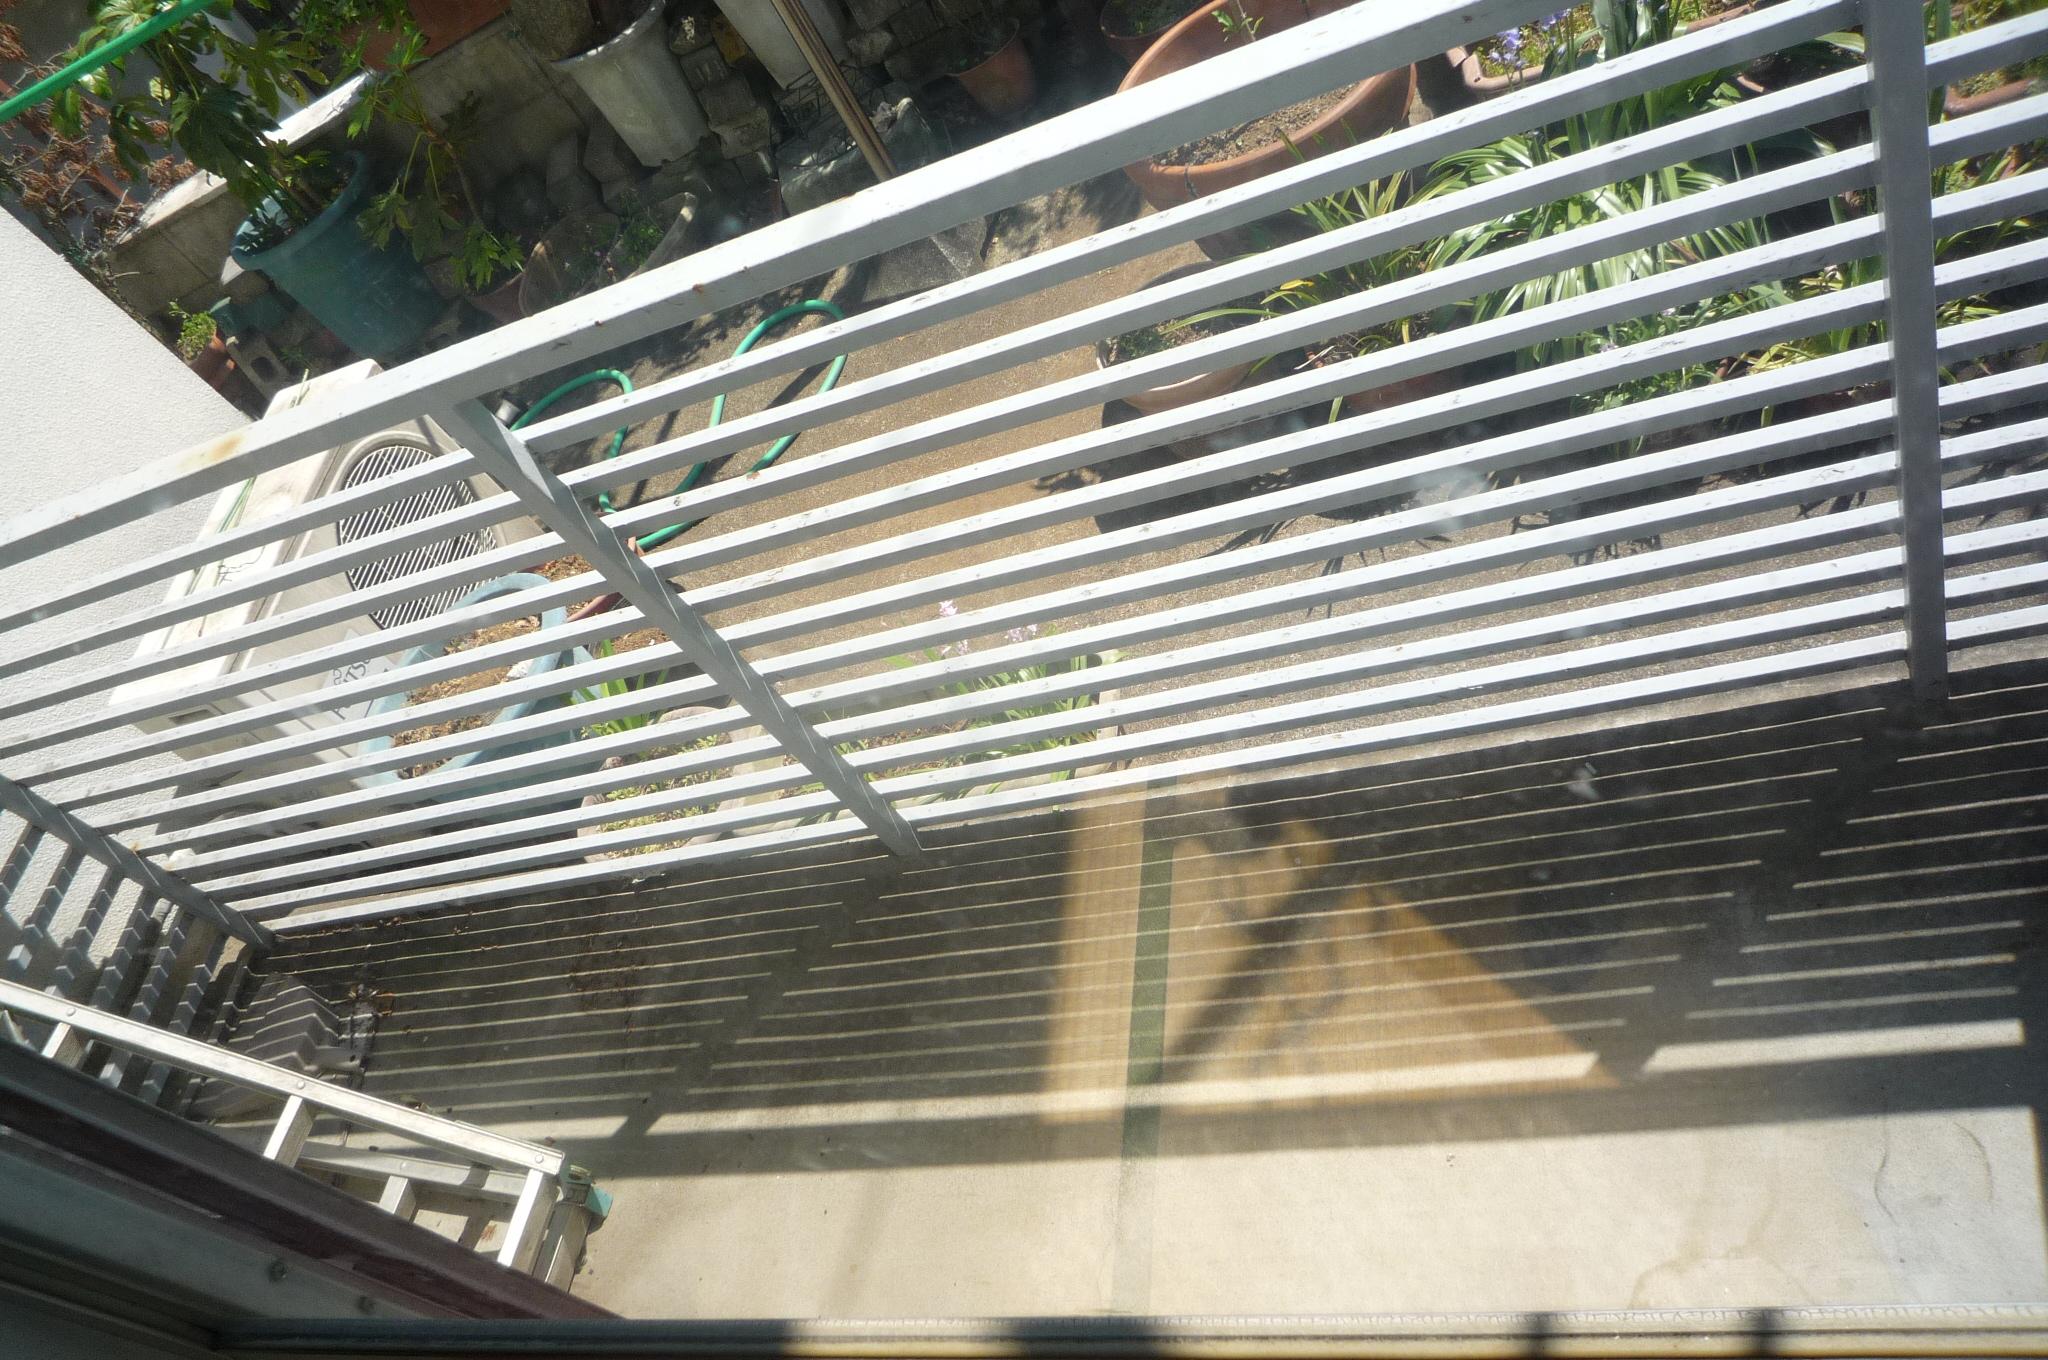 ★2面彩光・角部屋のため明るく・風通しの良いお部屋です!  【賃貸】グリーンハイム C号